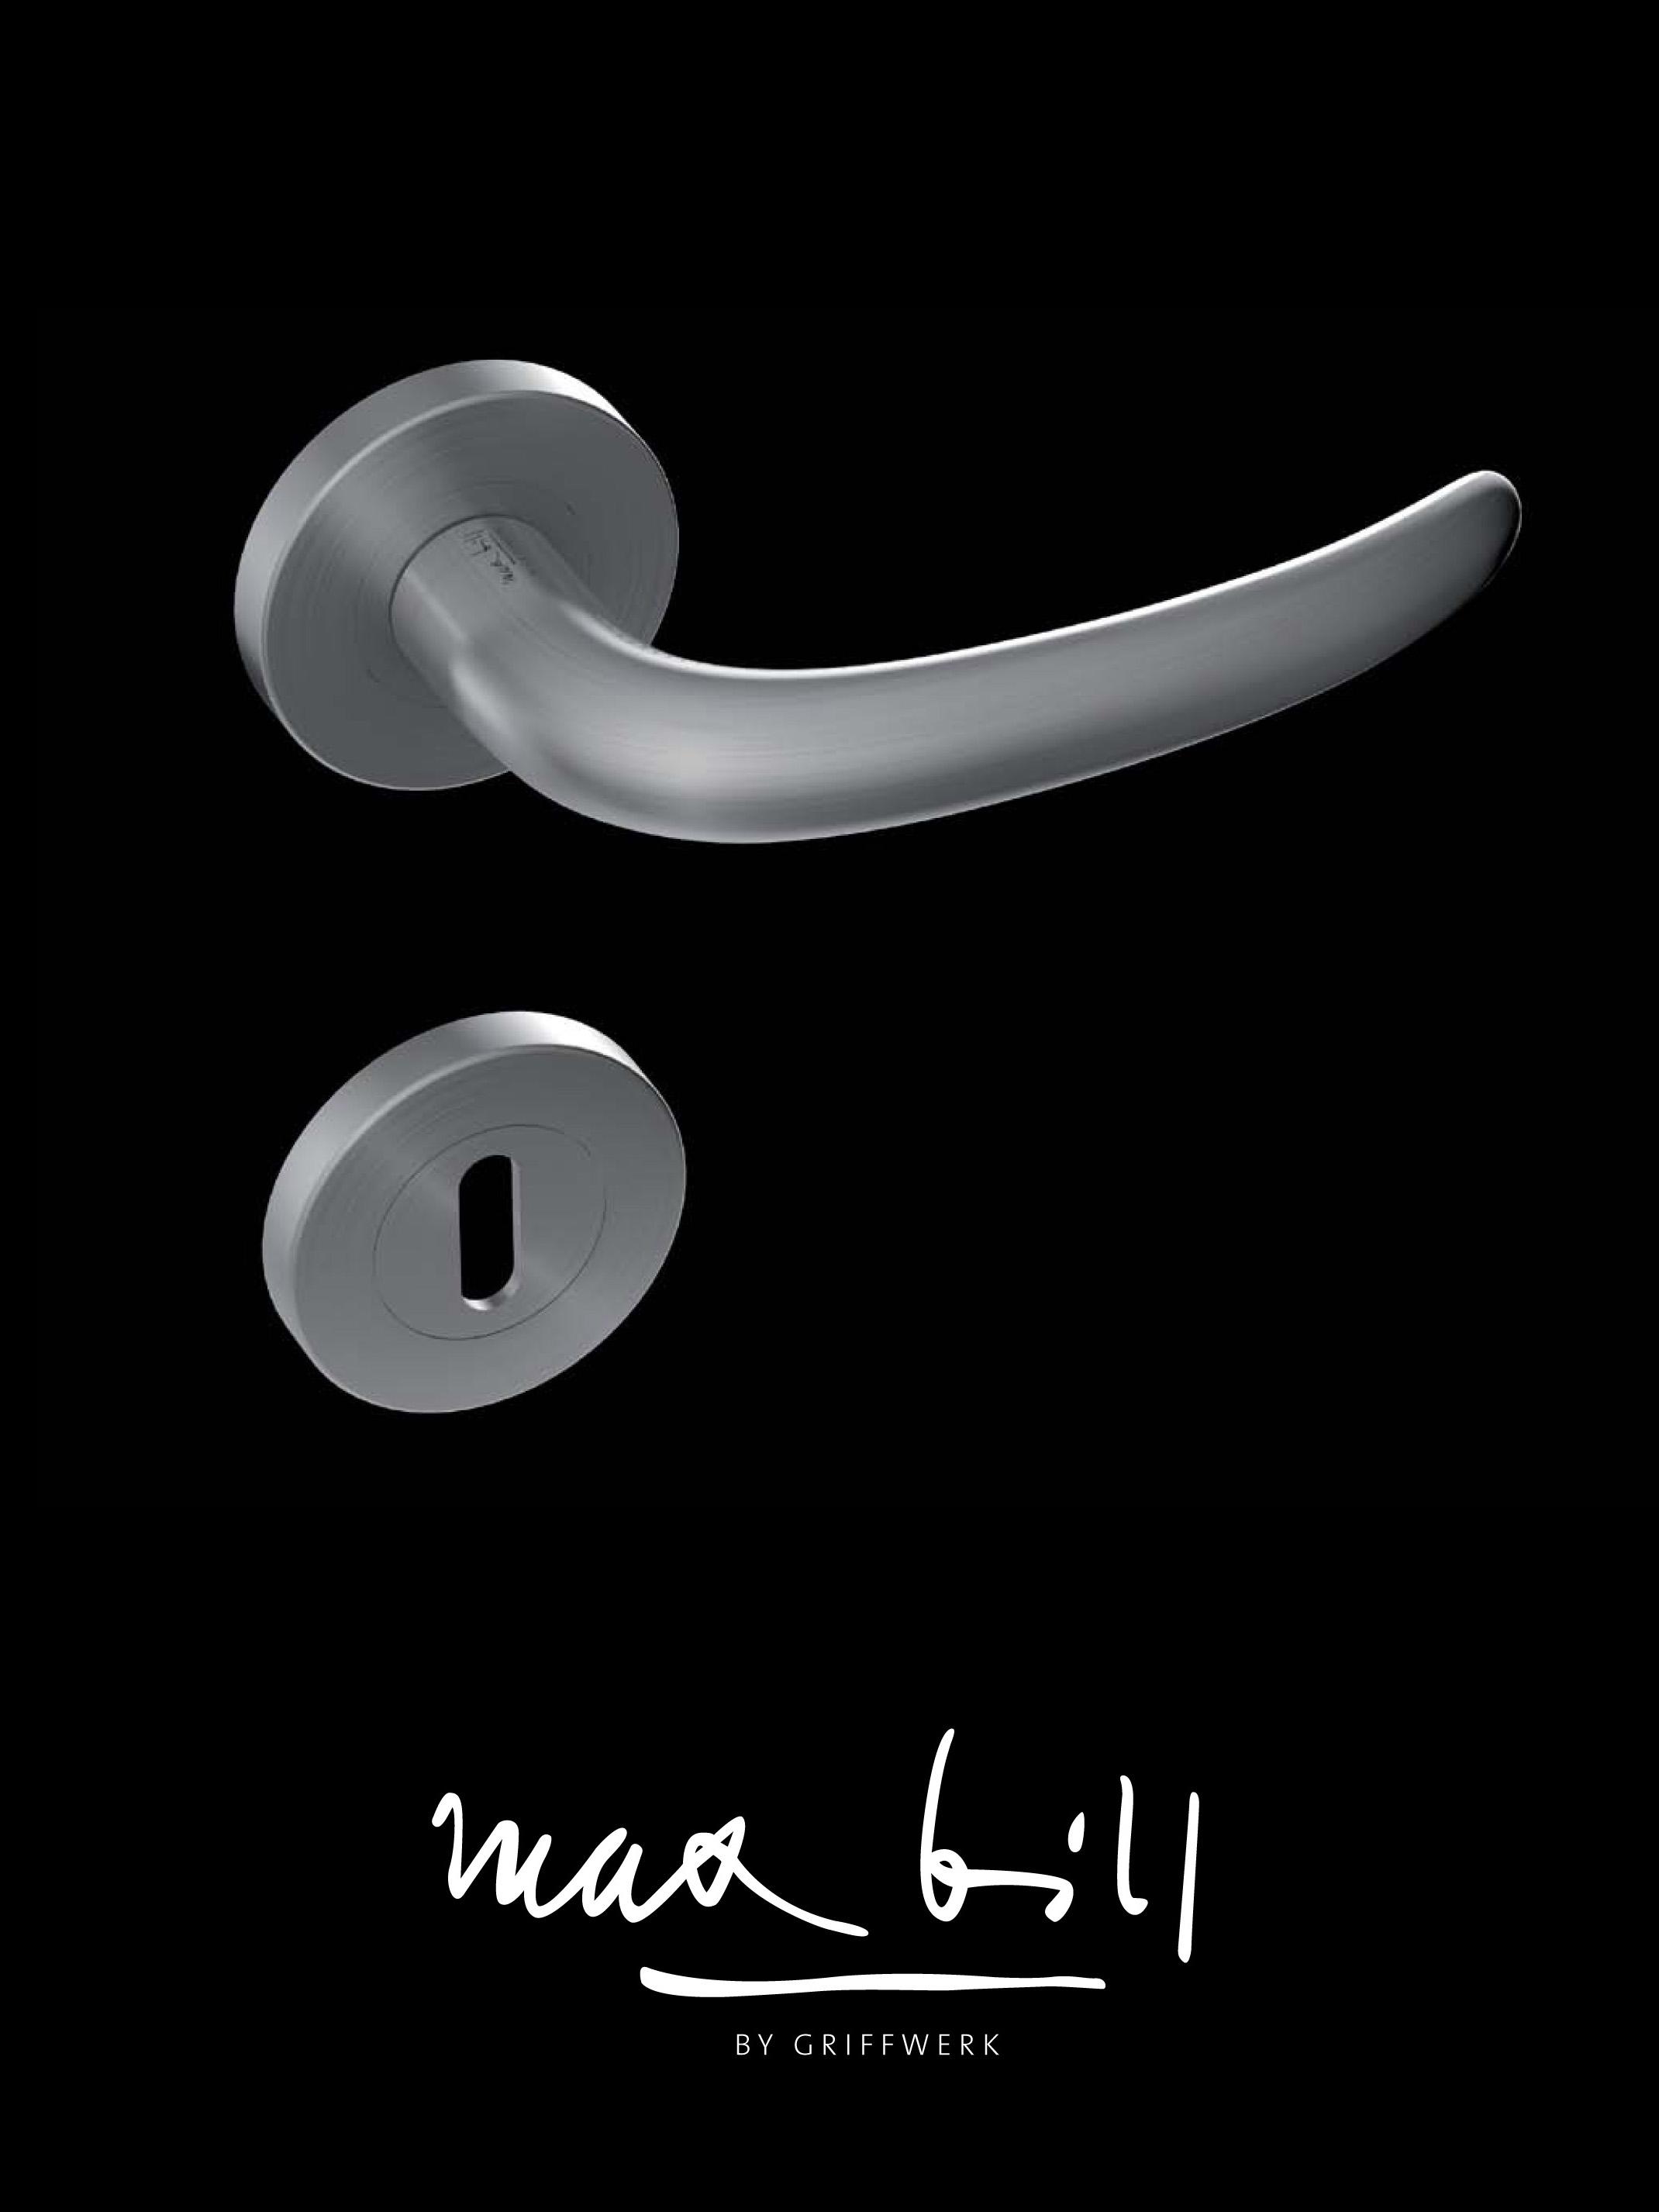 maxbill2.jpg